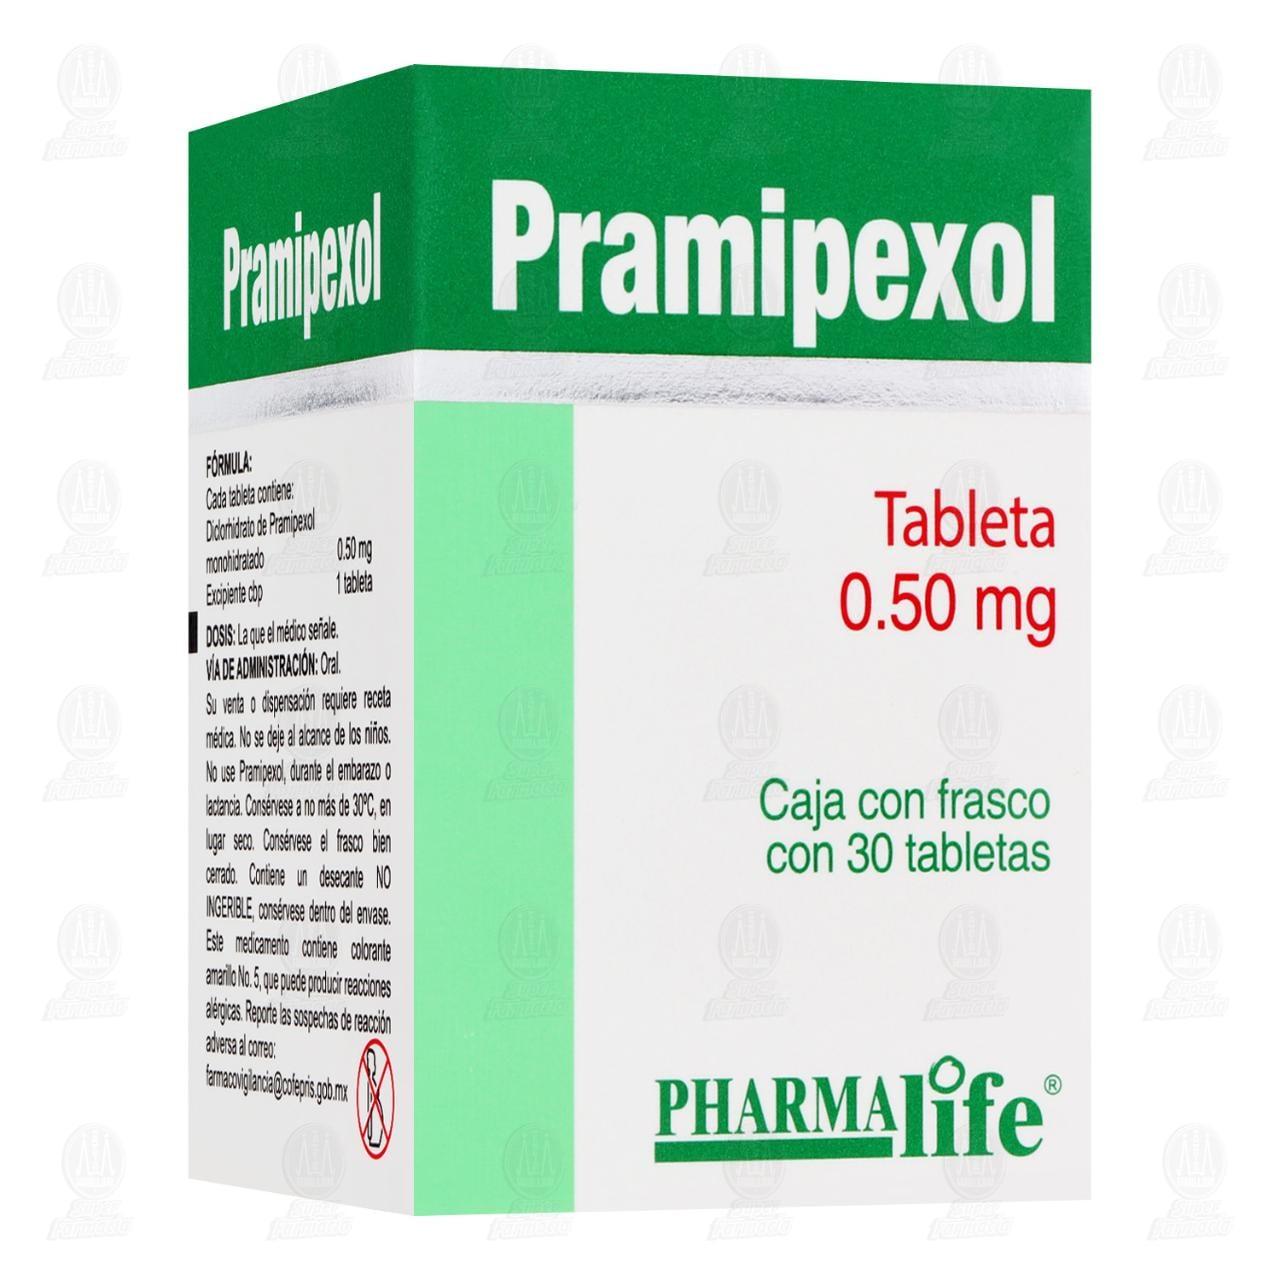 Comprar Pramipexol 0.50mg 30 Tabletas Pharmalife en Farmacias Guadalajara